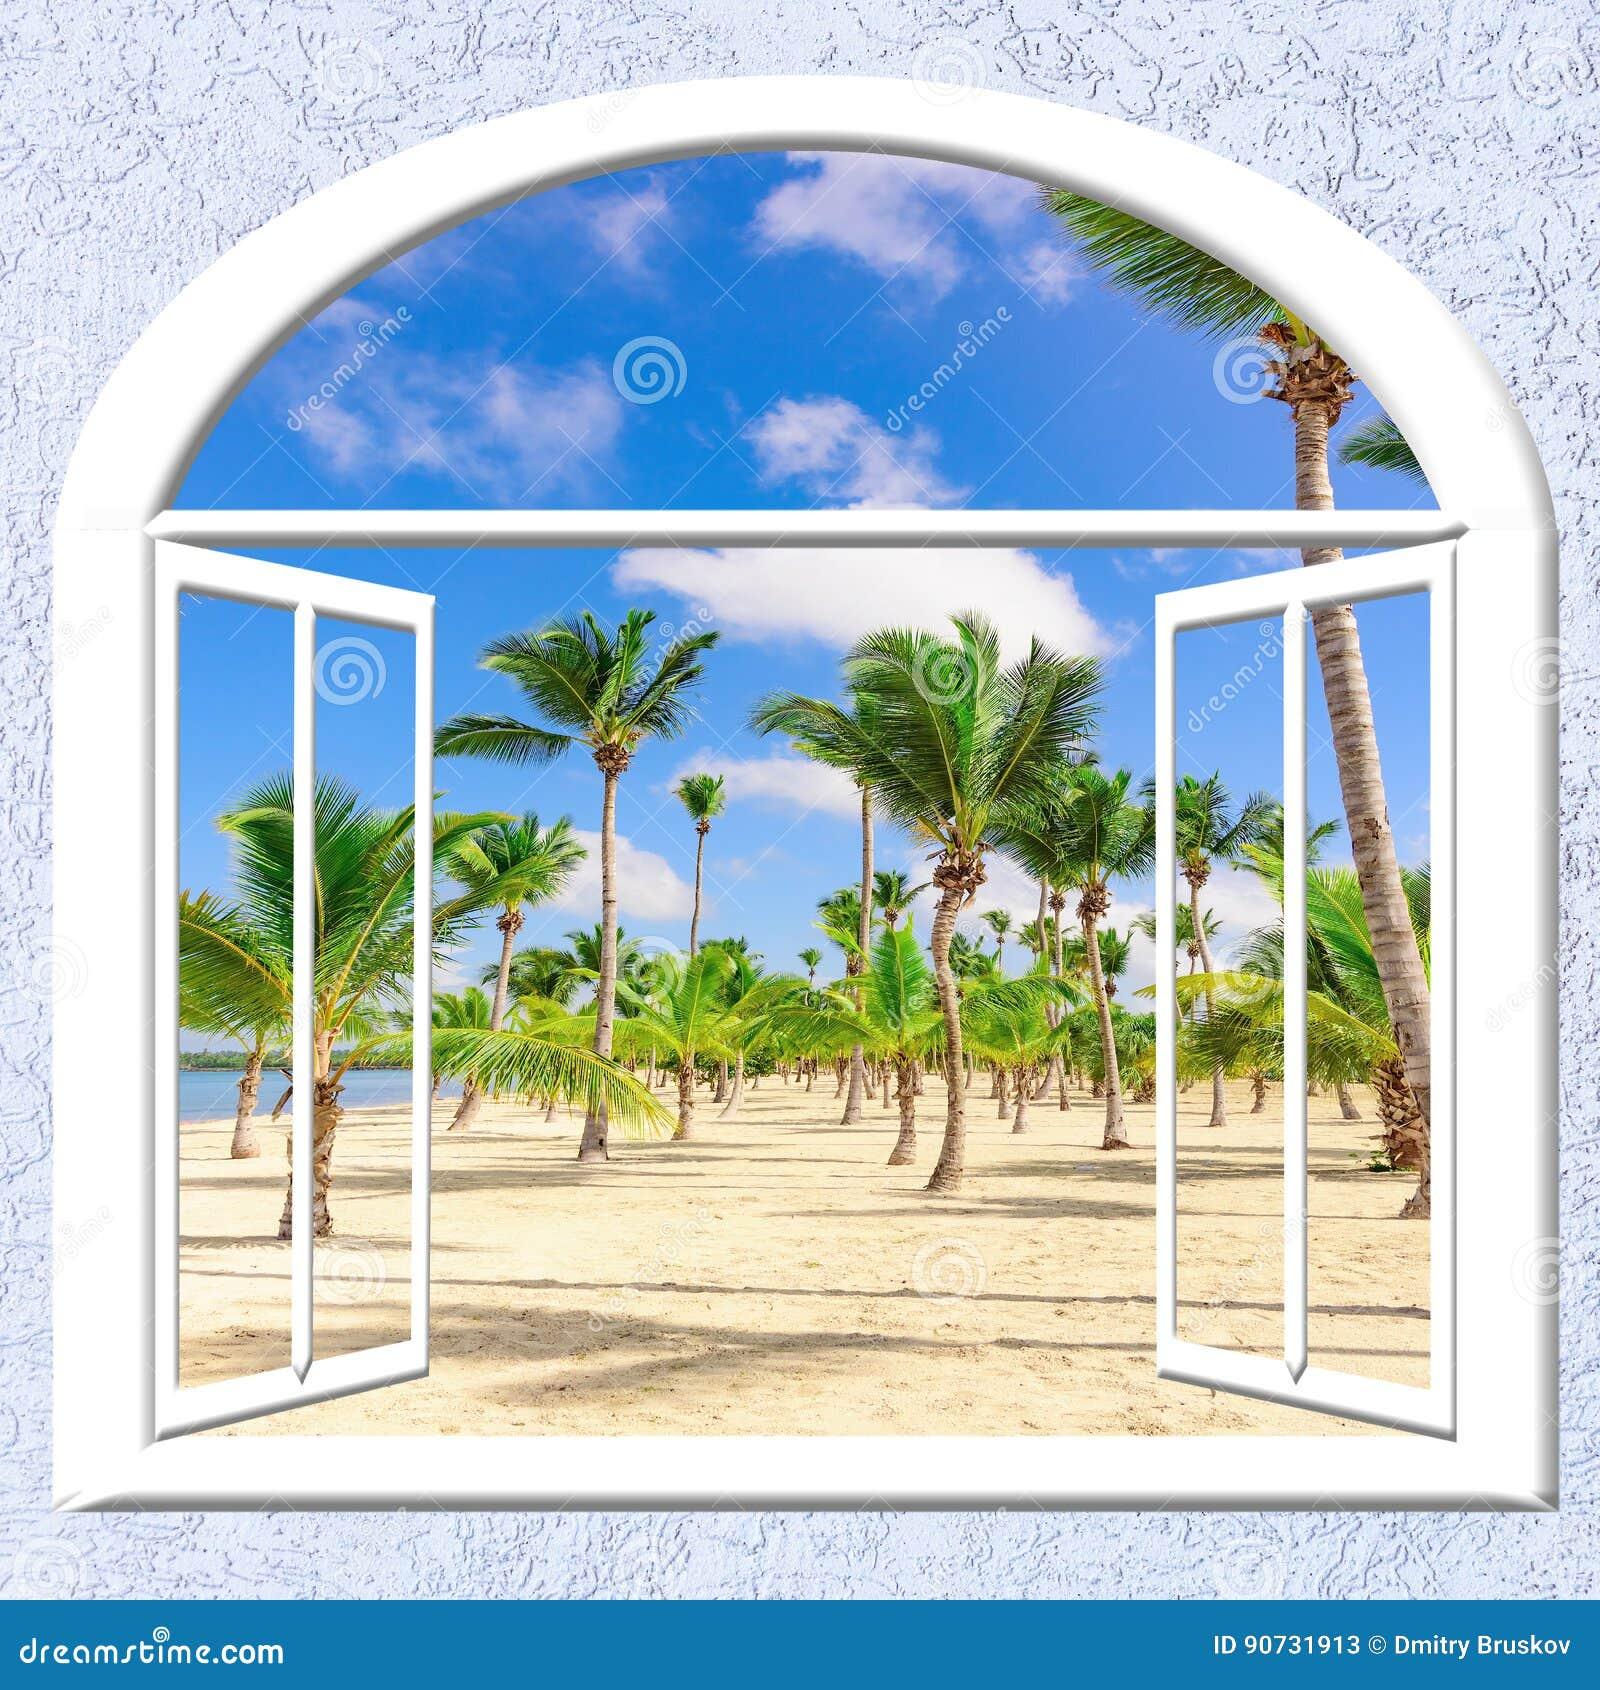 Glasbild Fenster. Trendy Trposter Glasbild Xcm Mbelfolie Tapete Fenster Verzierung Zion Tp With ...